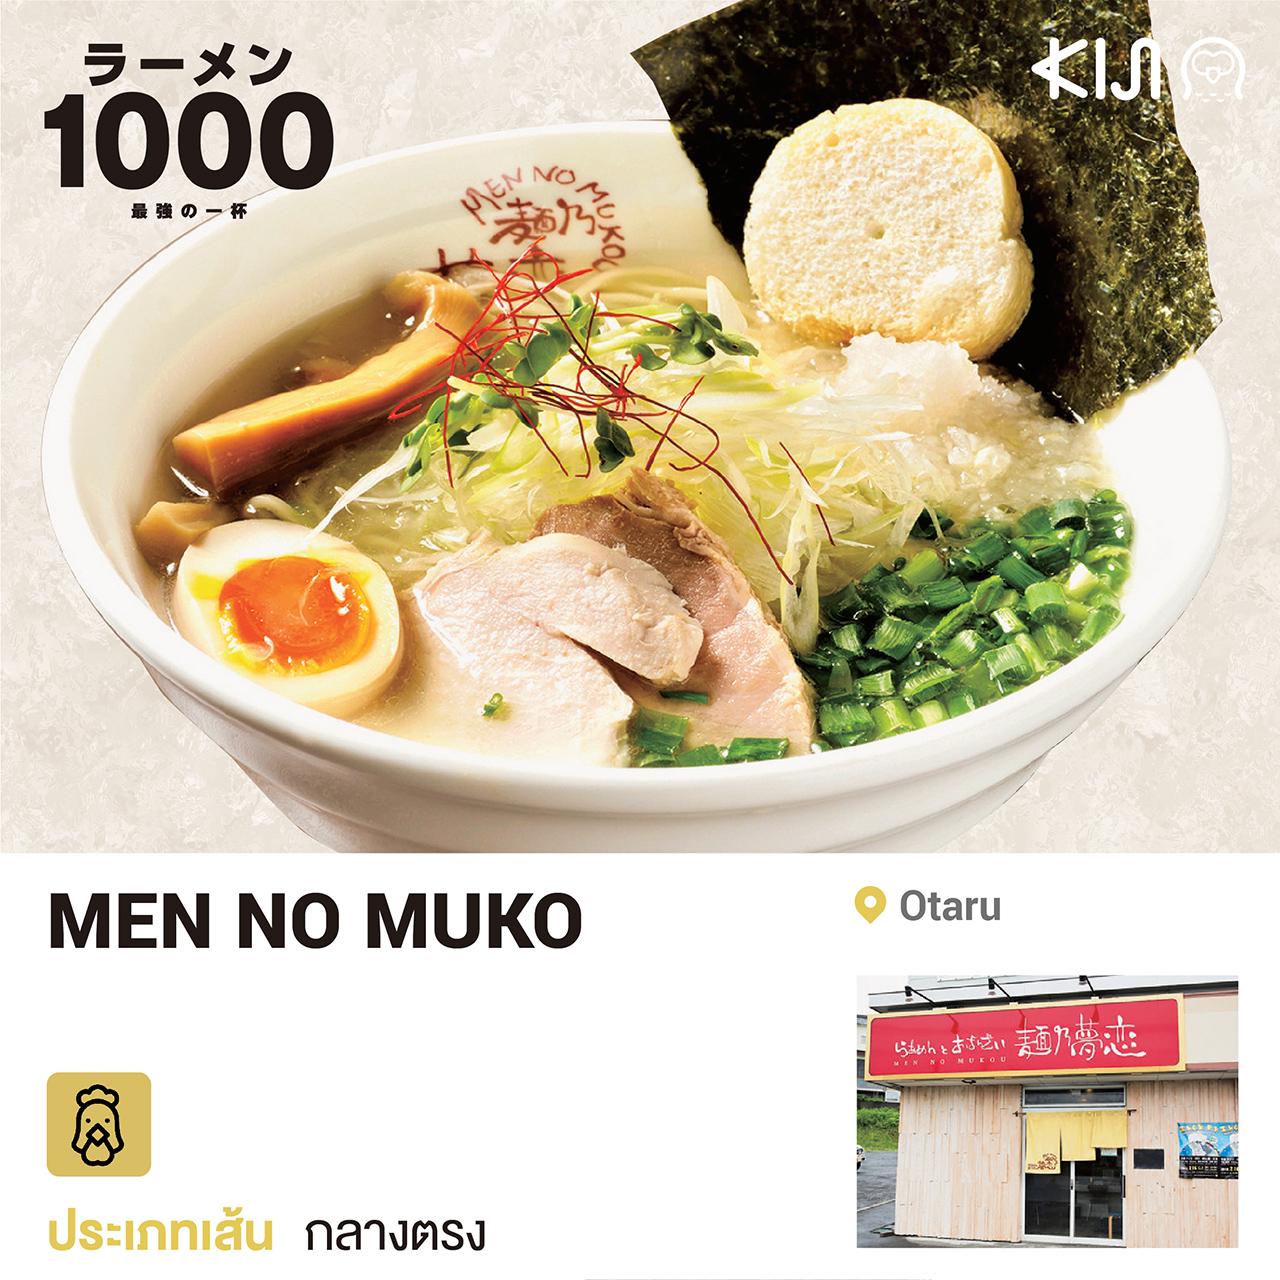 ร้านราเมน เมืองโอตารุ จ.ฮอกไกโด - MEN NO MUKO